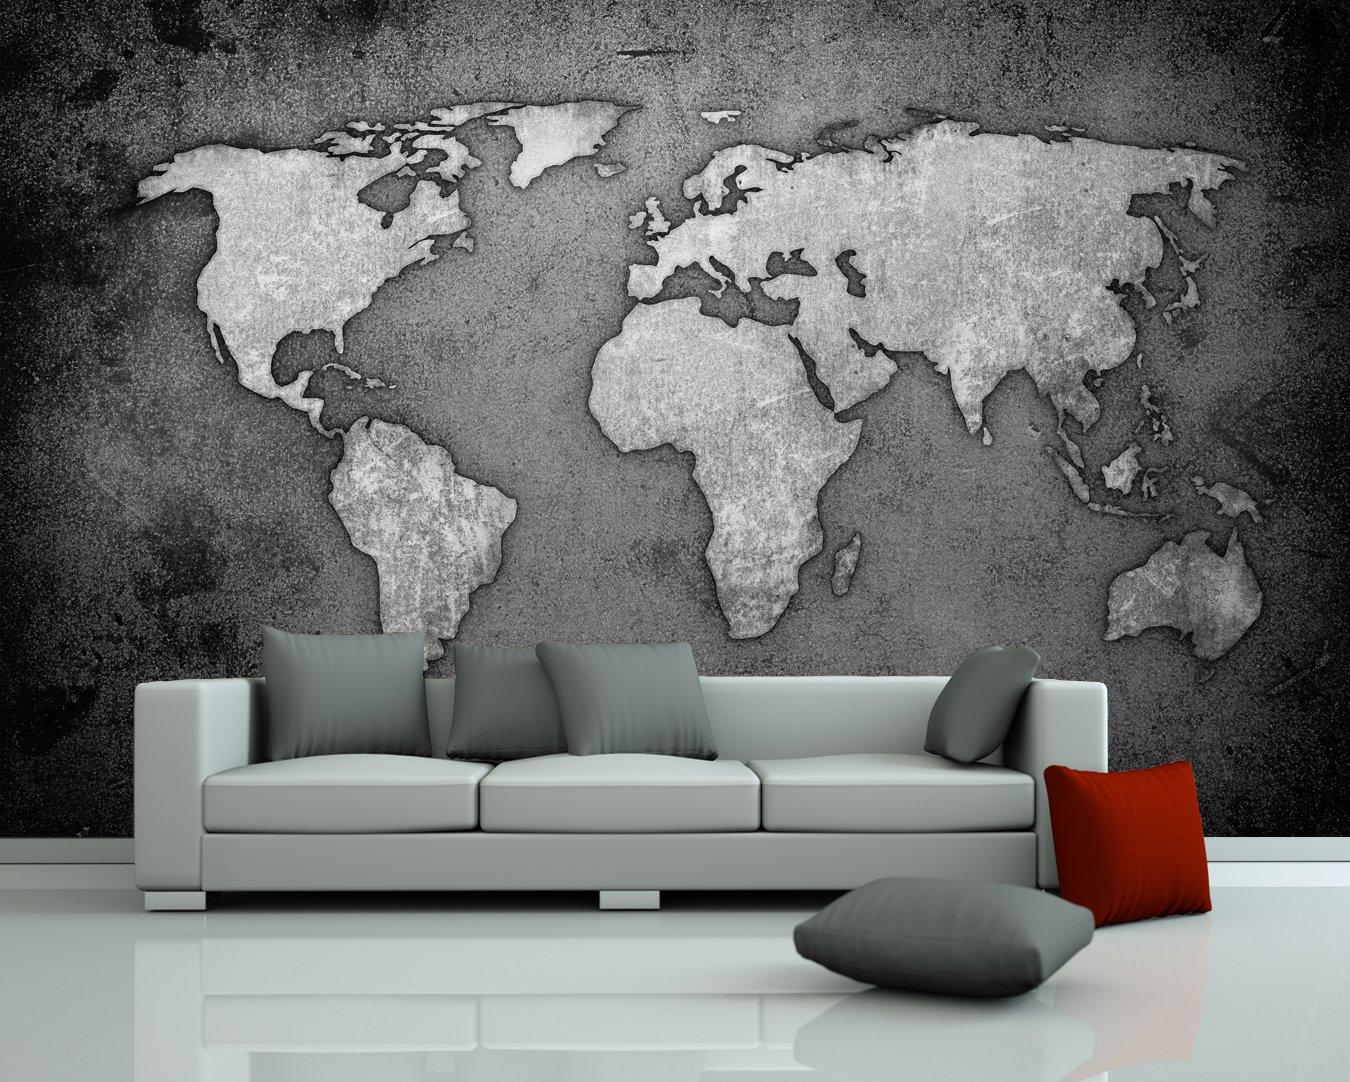 Bilderdepot24 selbstklebende Fototapete Weltkarte - schwarz weiss 230x150 cm - direkt vom Hersteller